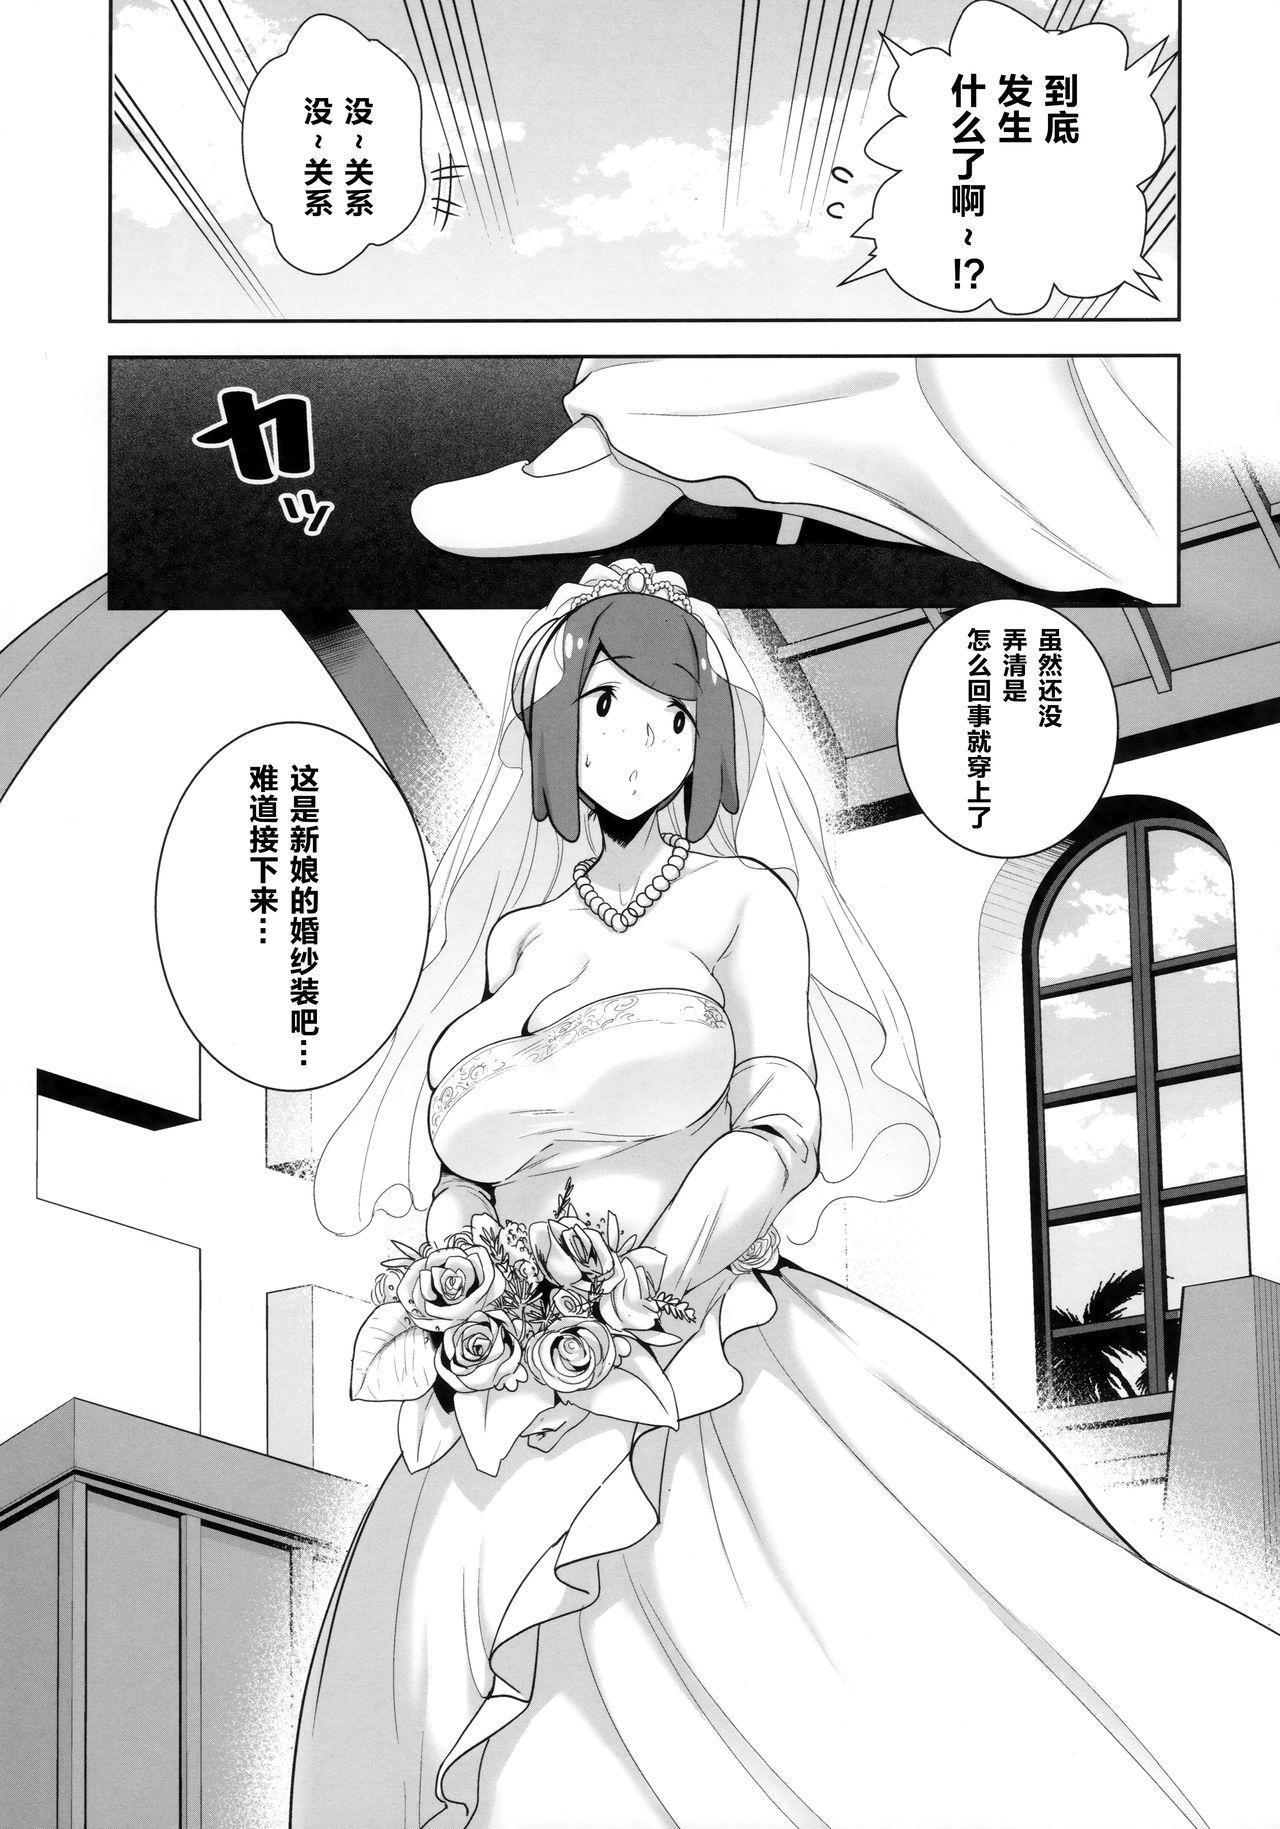 Alola no Yoru no Sugata 6 6